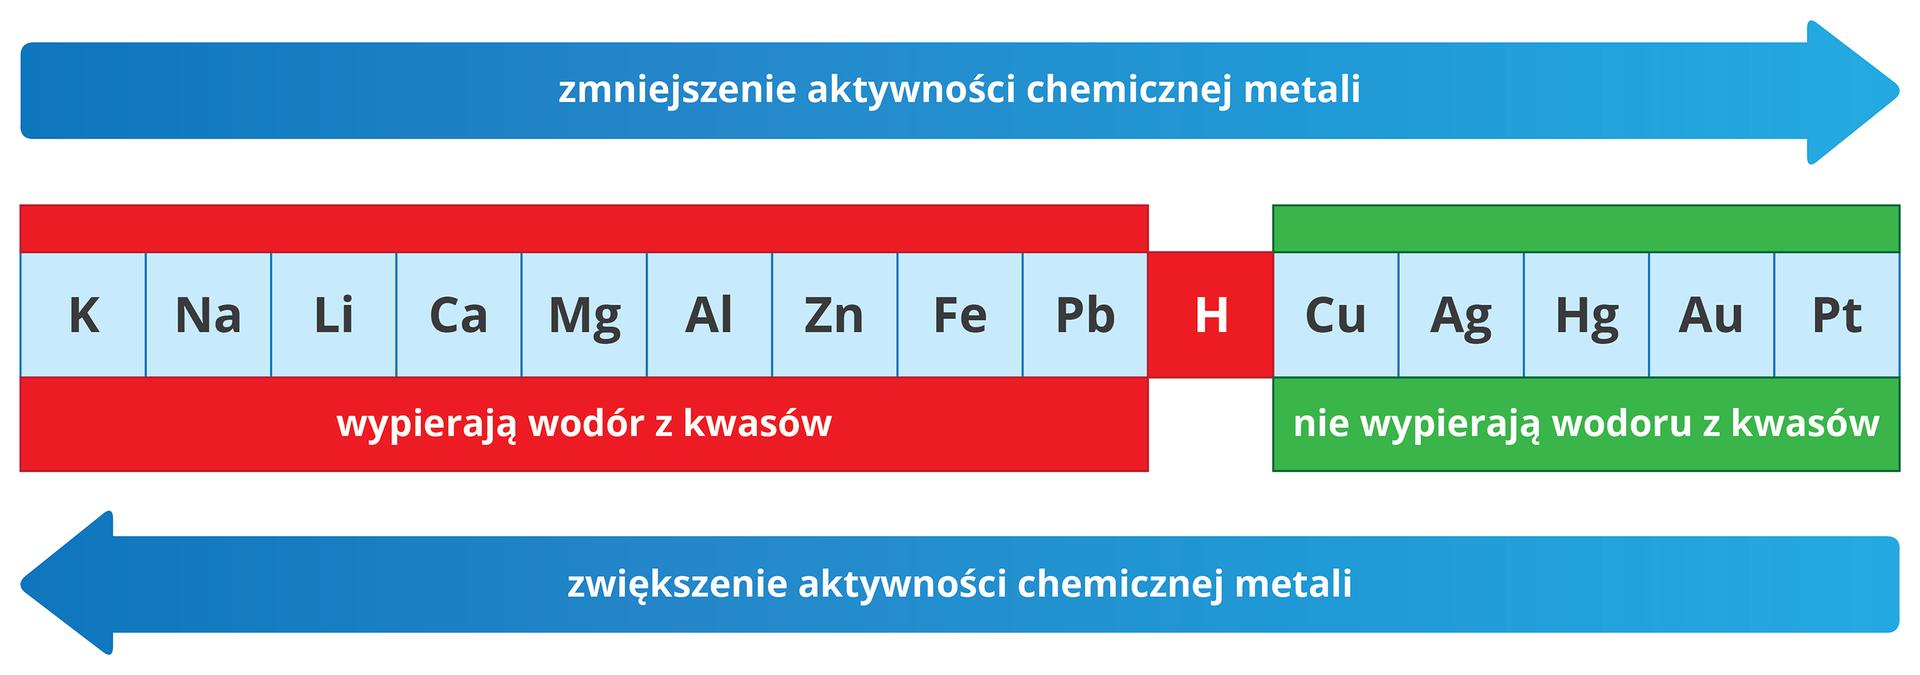 Ilustracja przedstawia szereg aktywności metali wpostaci niebieskiego paska, podzielonego na piętnaście kwadratowych pól. Wkażdym polu umieszczono symbol jednego pierwiastka. Licząc od lewej są to: K, Na, Li, Ca, Mg, Al, Zn, Fe, Pb, H, Cu, Ag, Hg, Au, Pt. Wodór, czyli szósty od prawej kwadrat zliterą Hwyróżniony został czerwonym tłem zamiast niebieskiego. Obszar kwadratów dziewięciu pierwiastków na lewo od wodoru otoczony jest tłem wkolorze czerwonym inosi podpis Wypierają wodór zkwasów. Obszar kwadratów pięciu pierwiastków na prawo od wodoru otoczony jest tłem wkolorze zielonym inosi podpis Nie wypierają wodoru zkwasów. Nad szeregiem aktywności znajduje się gruba, niebieska strzałka wskazująca wprawo znapisem Zmniejszenie aktywności chemicznej metali. Poniżej szeregu aktywności podobna niebieska strzałka, ale skierowana wlewo oznaczona jest napisem Zwiększenie aktywności metali.